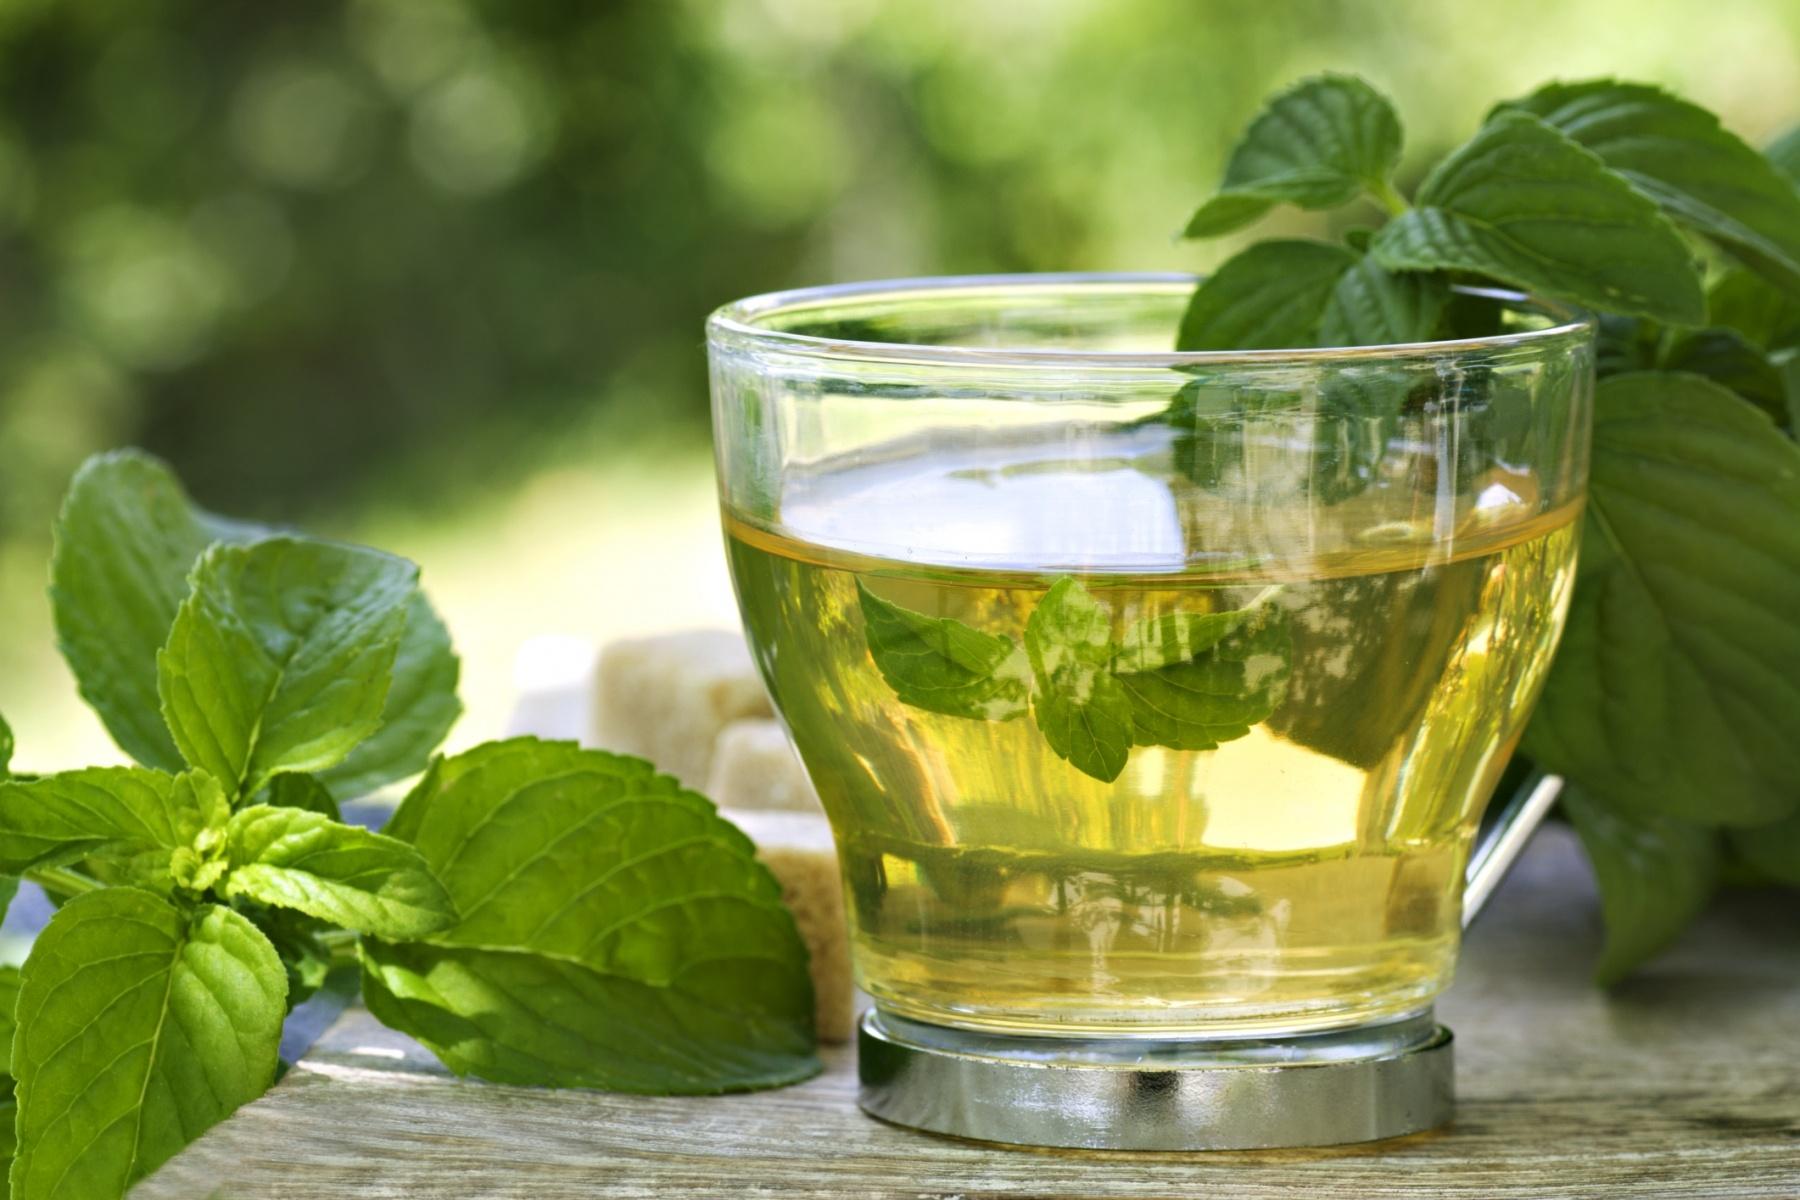 Té verde: ¿para qué sirve como planta medicinal?